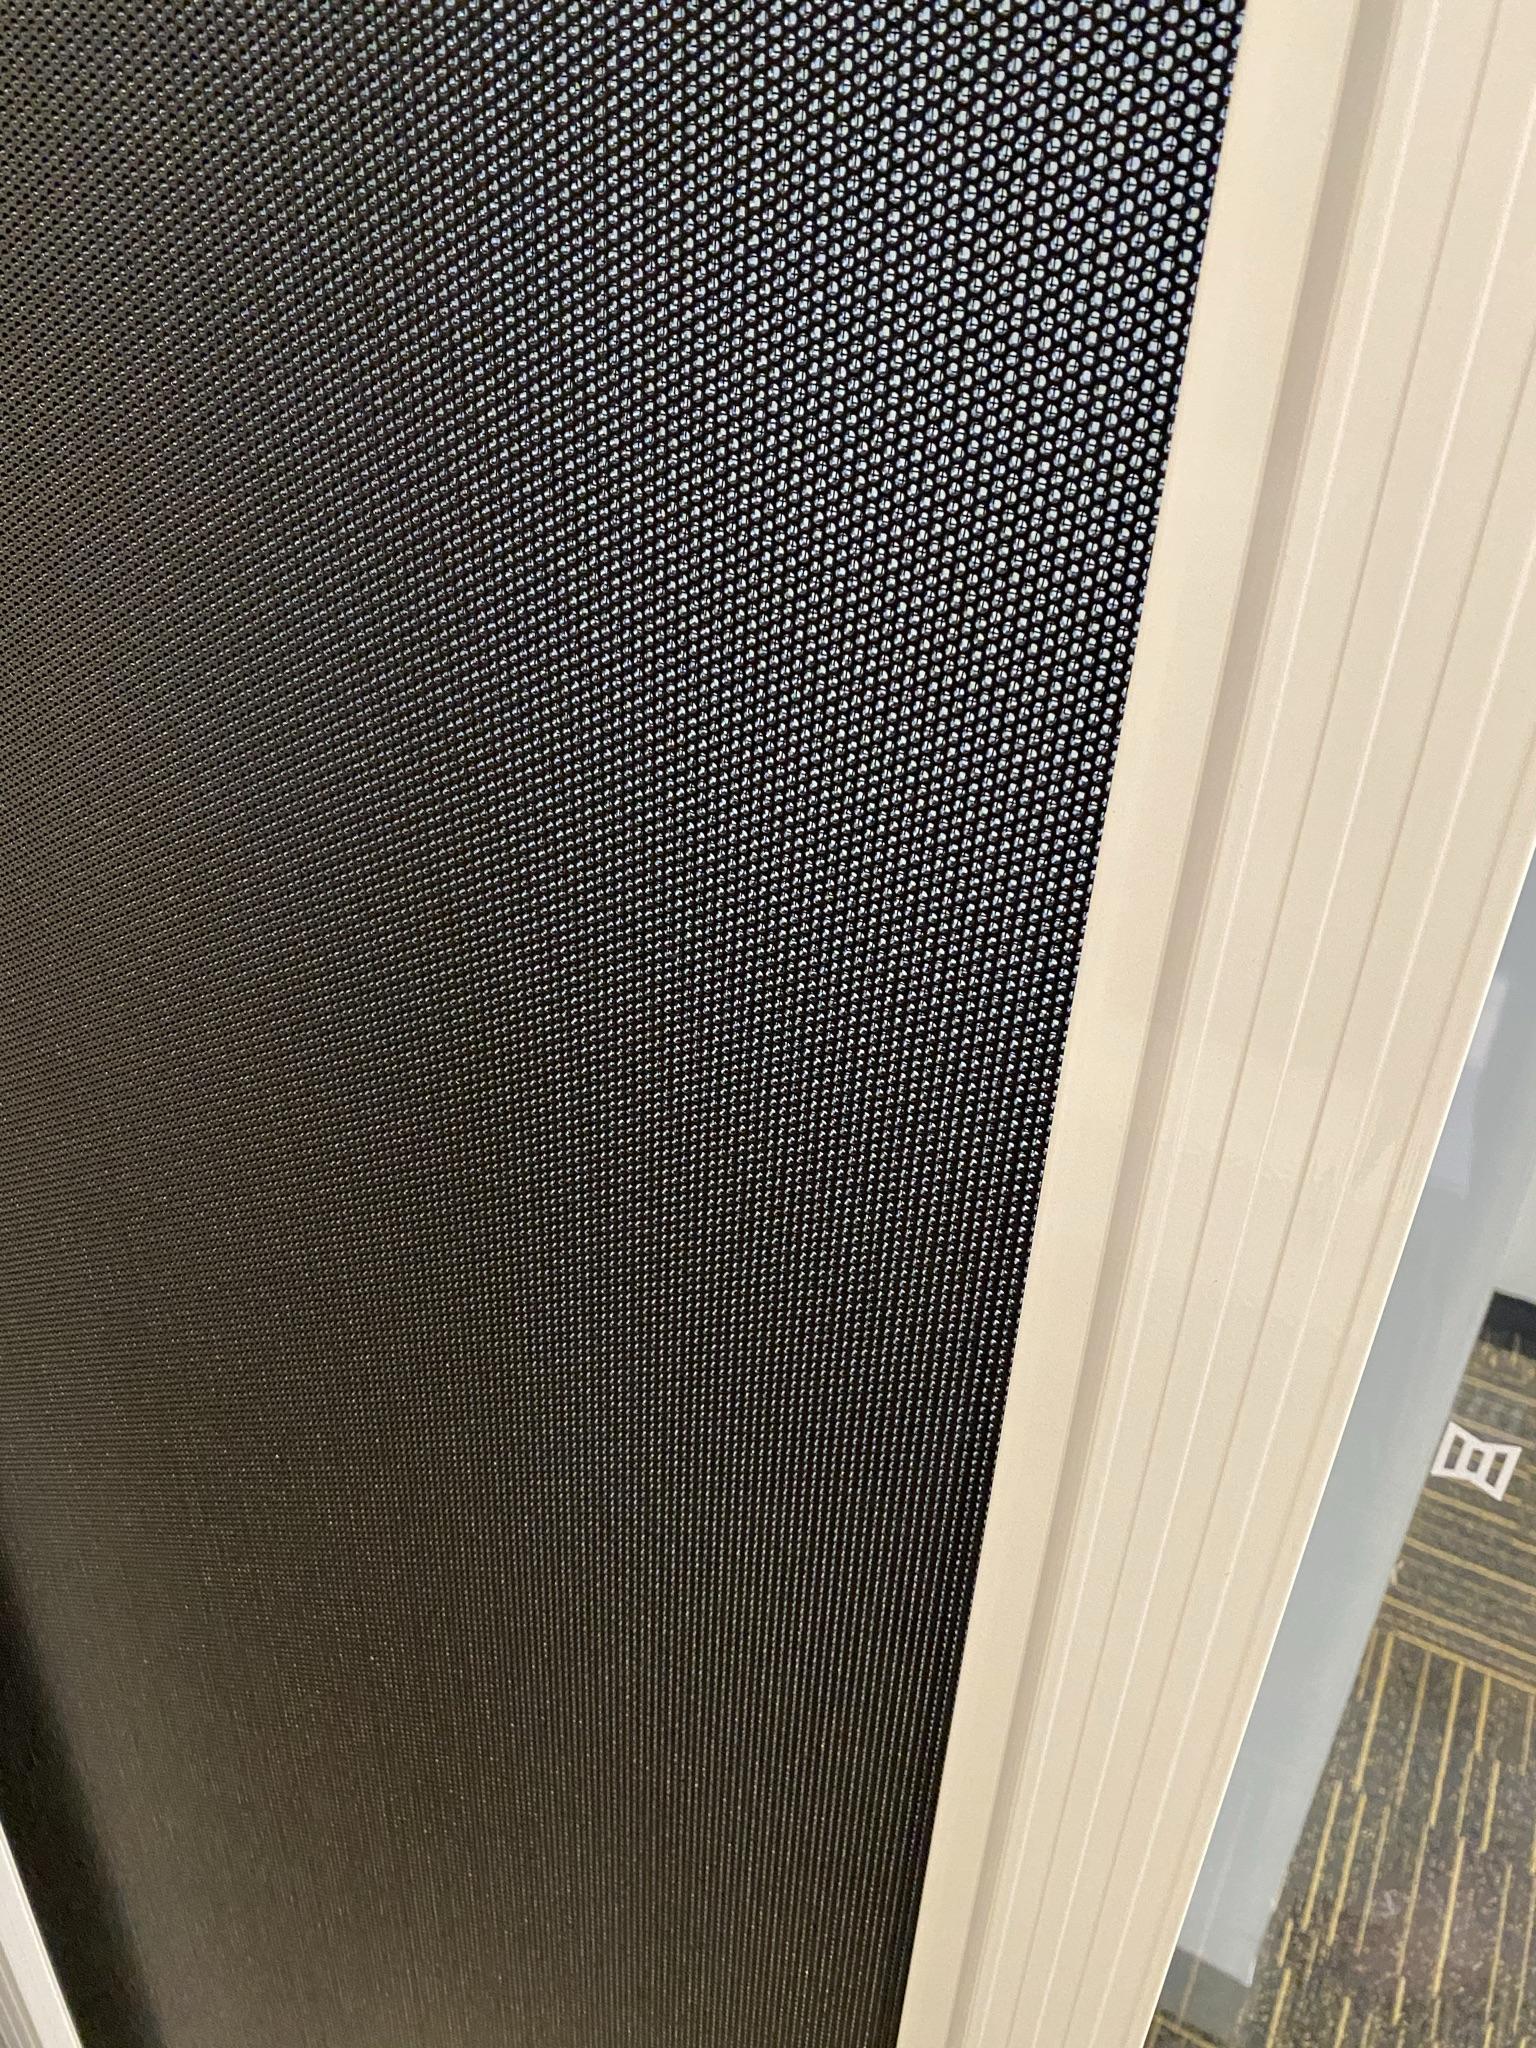 Alu-Gard Closeup